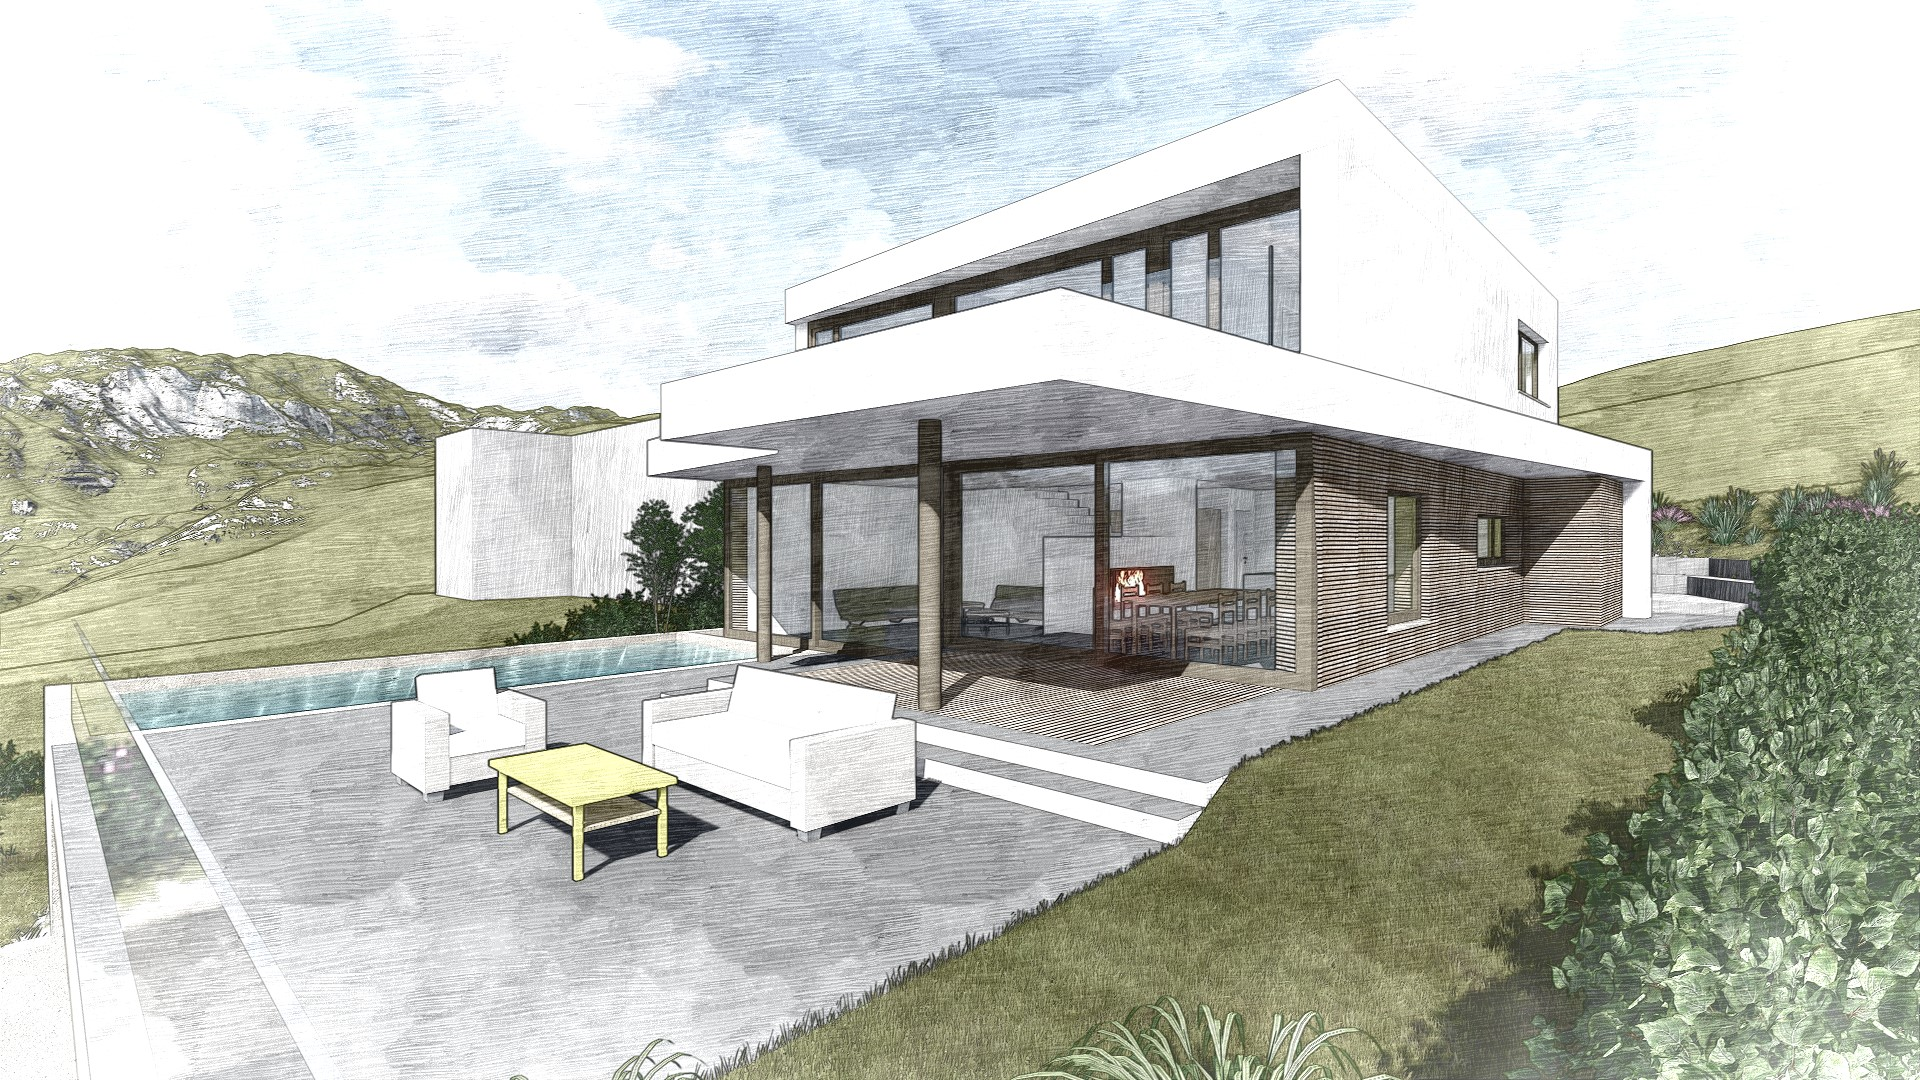 Visualisierungen-MO-Architektur-Uznach-Linthgebiet-Ostschweiz-8057